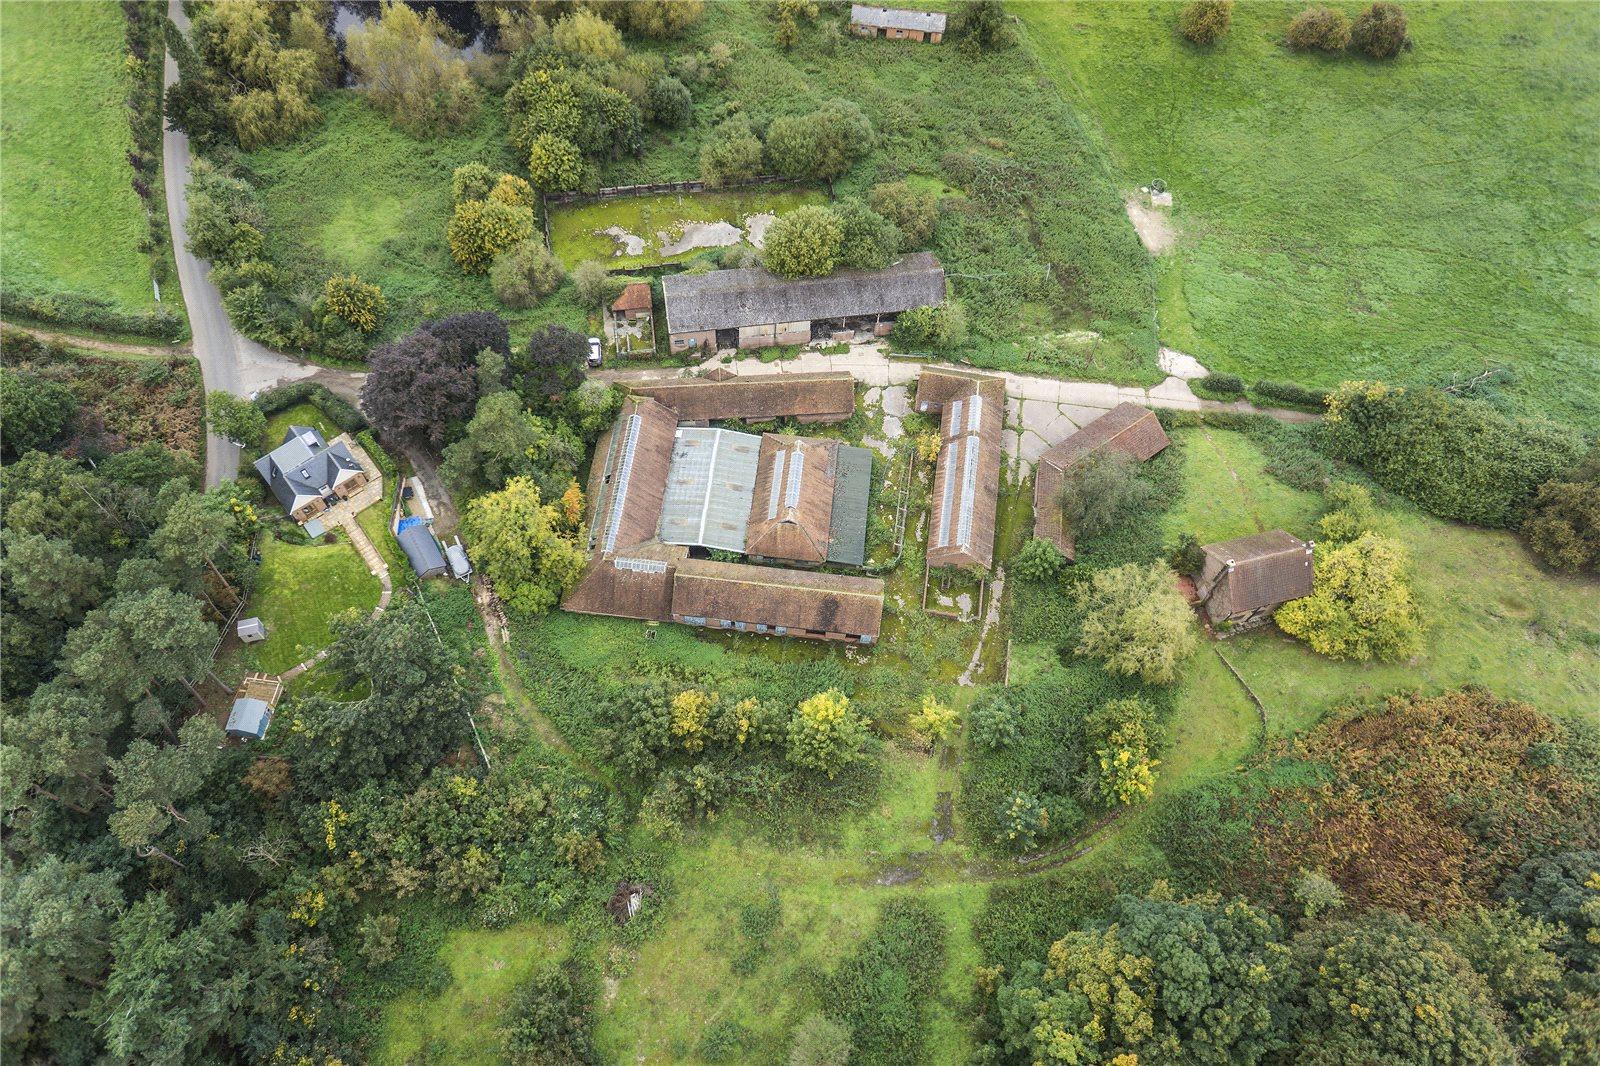 Fazenda / Quinta / Rancho / Plantação para Venda às Halfpenny Lane, Guildford, Surrey, GU4 Guildford, Inglaterra